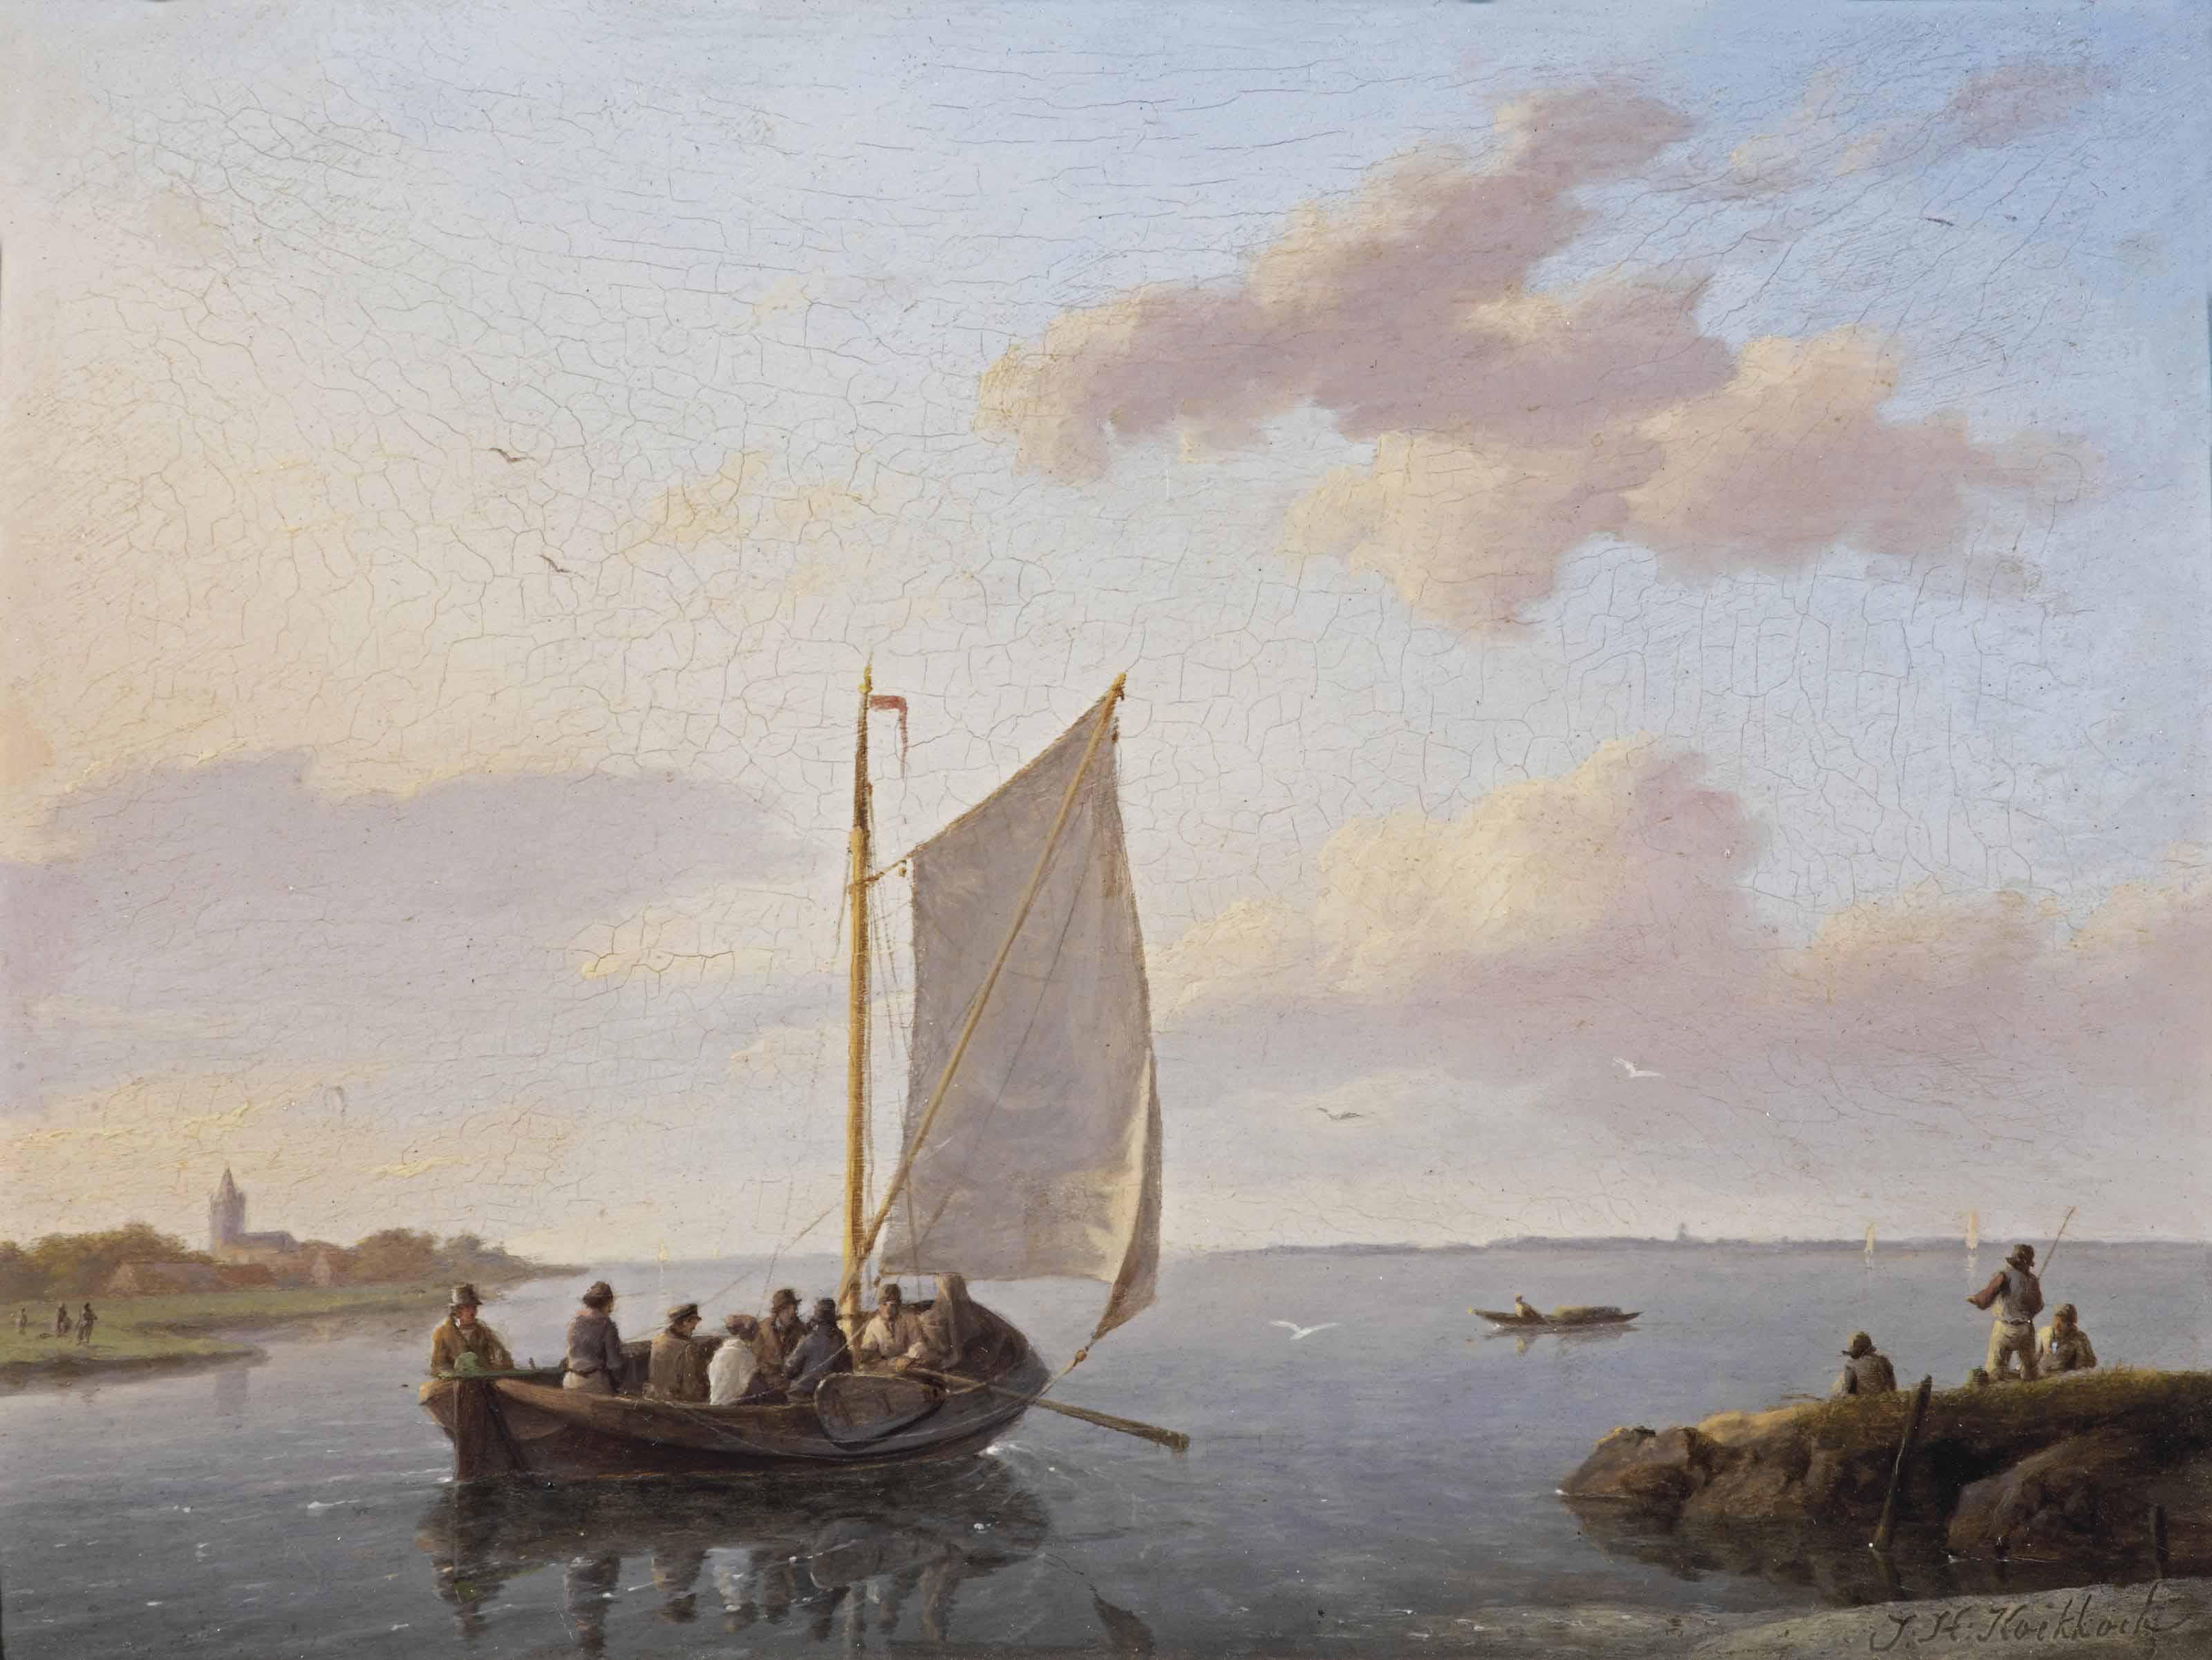 Sailing in a calm estuary